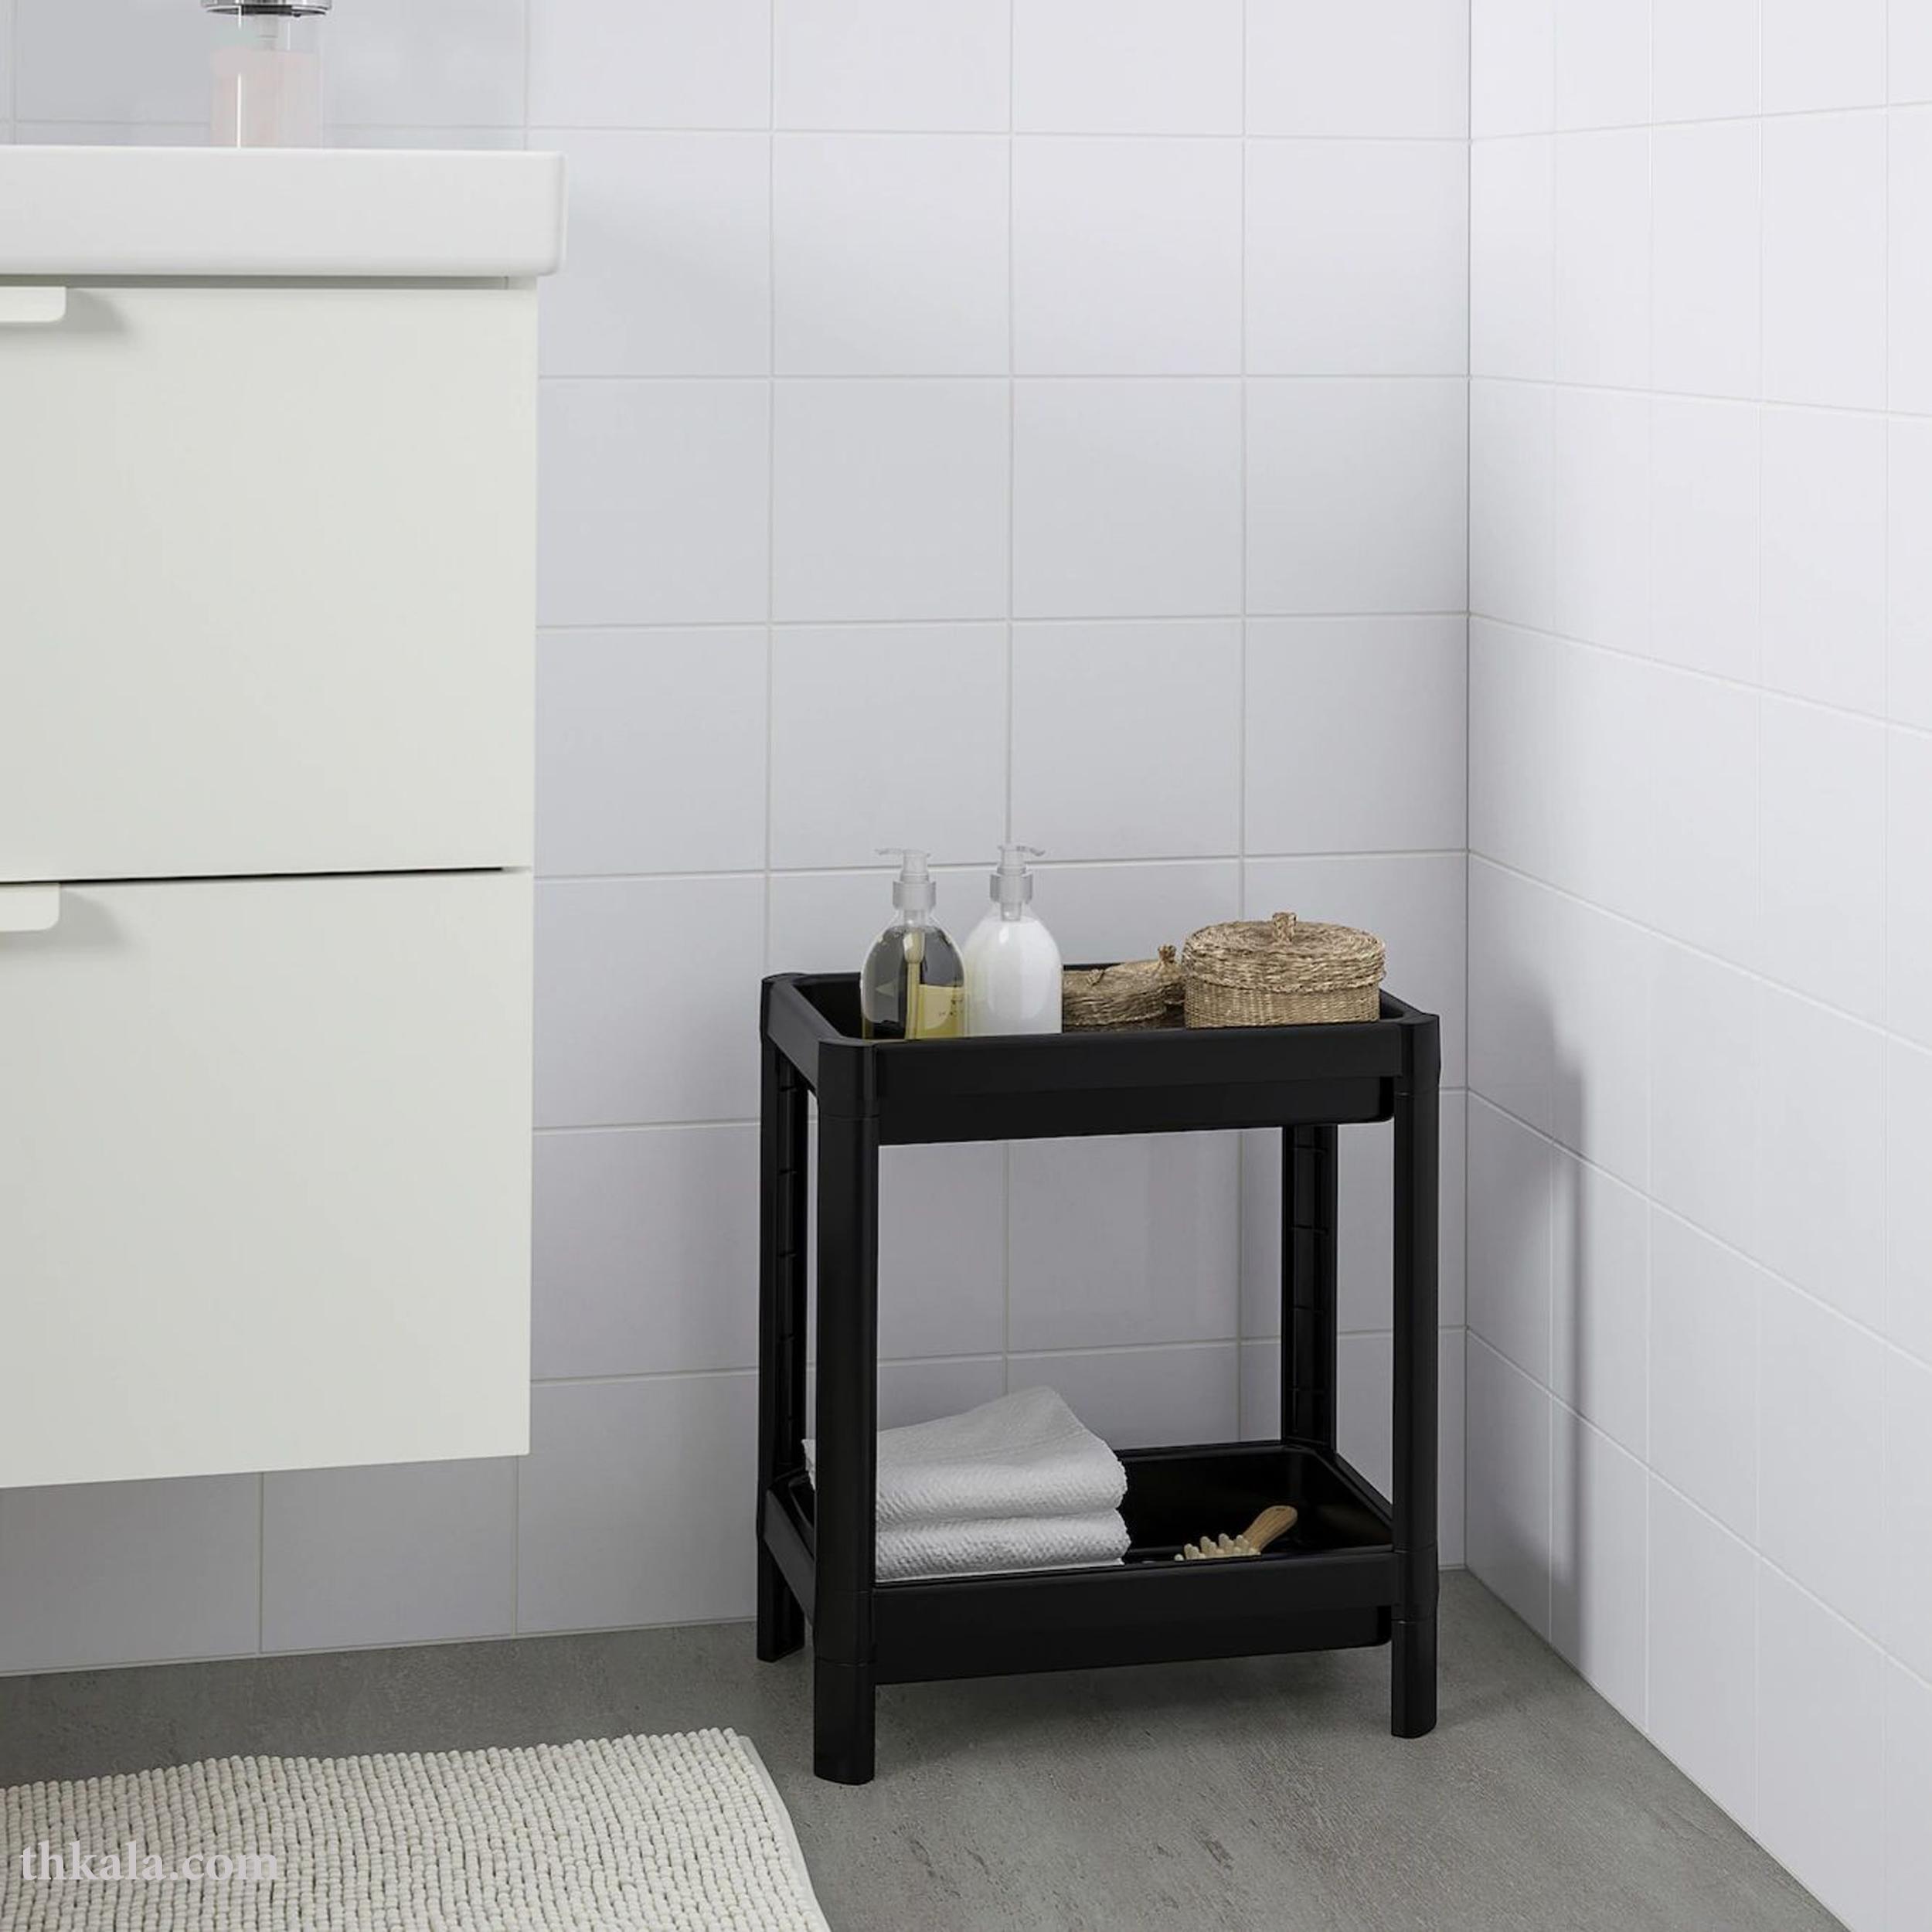 شلف حمام 2 طبقه مدل IK11